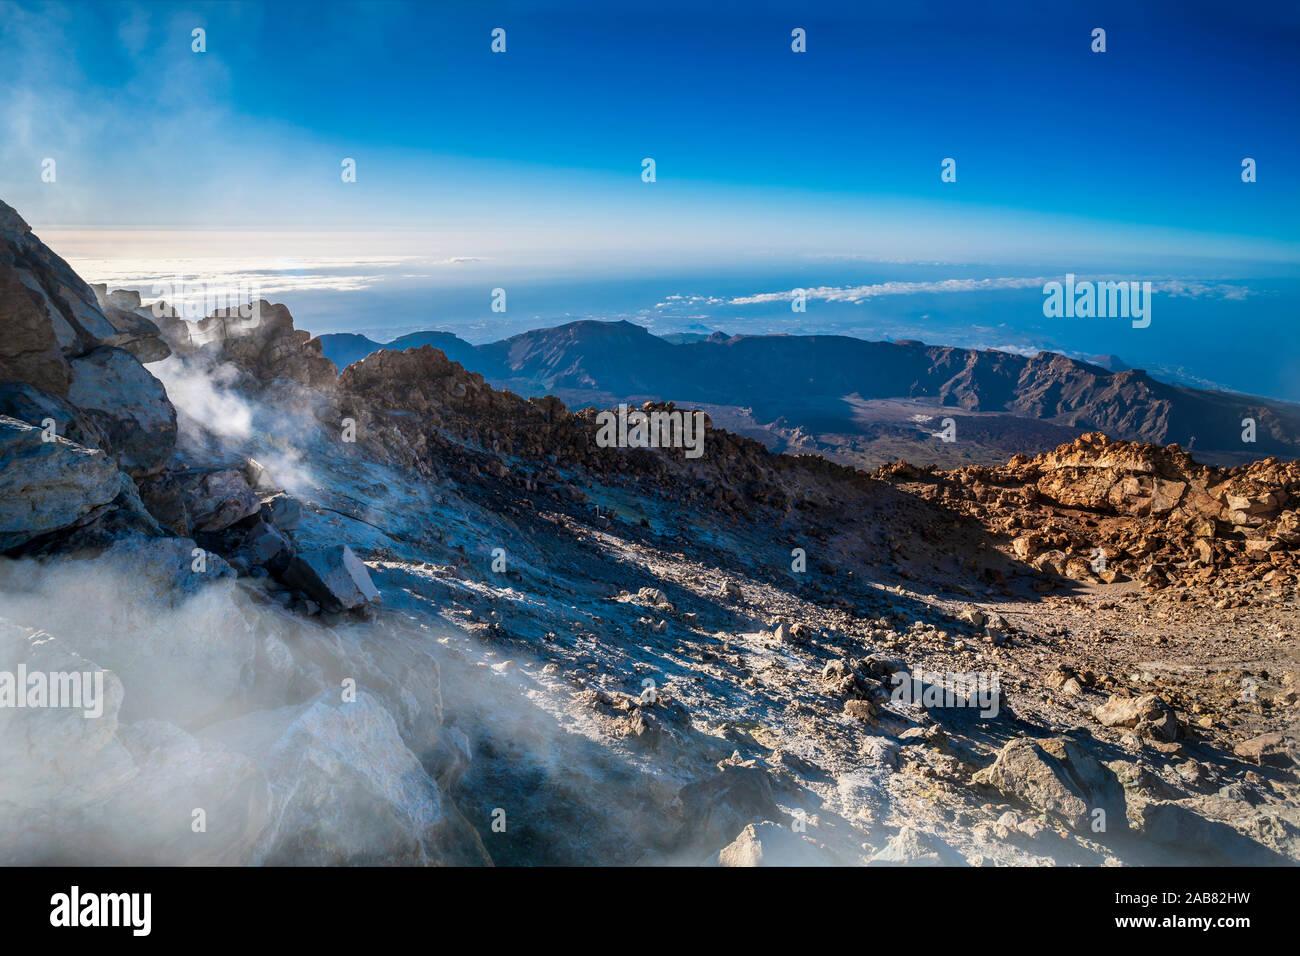 Vista desde la parte superior del volcán el Teide en el Parque Nacional en las primeras horas de la mañana, Mundial de la UNESCO Sitio Heritatge, Tenerife, Islas Canarias, España, el Atlántico Foto de stock